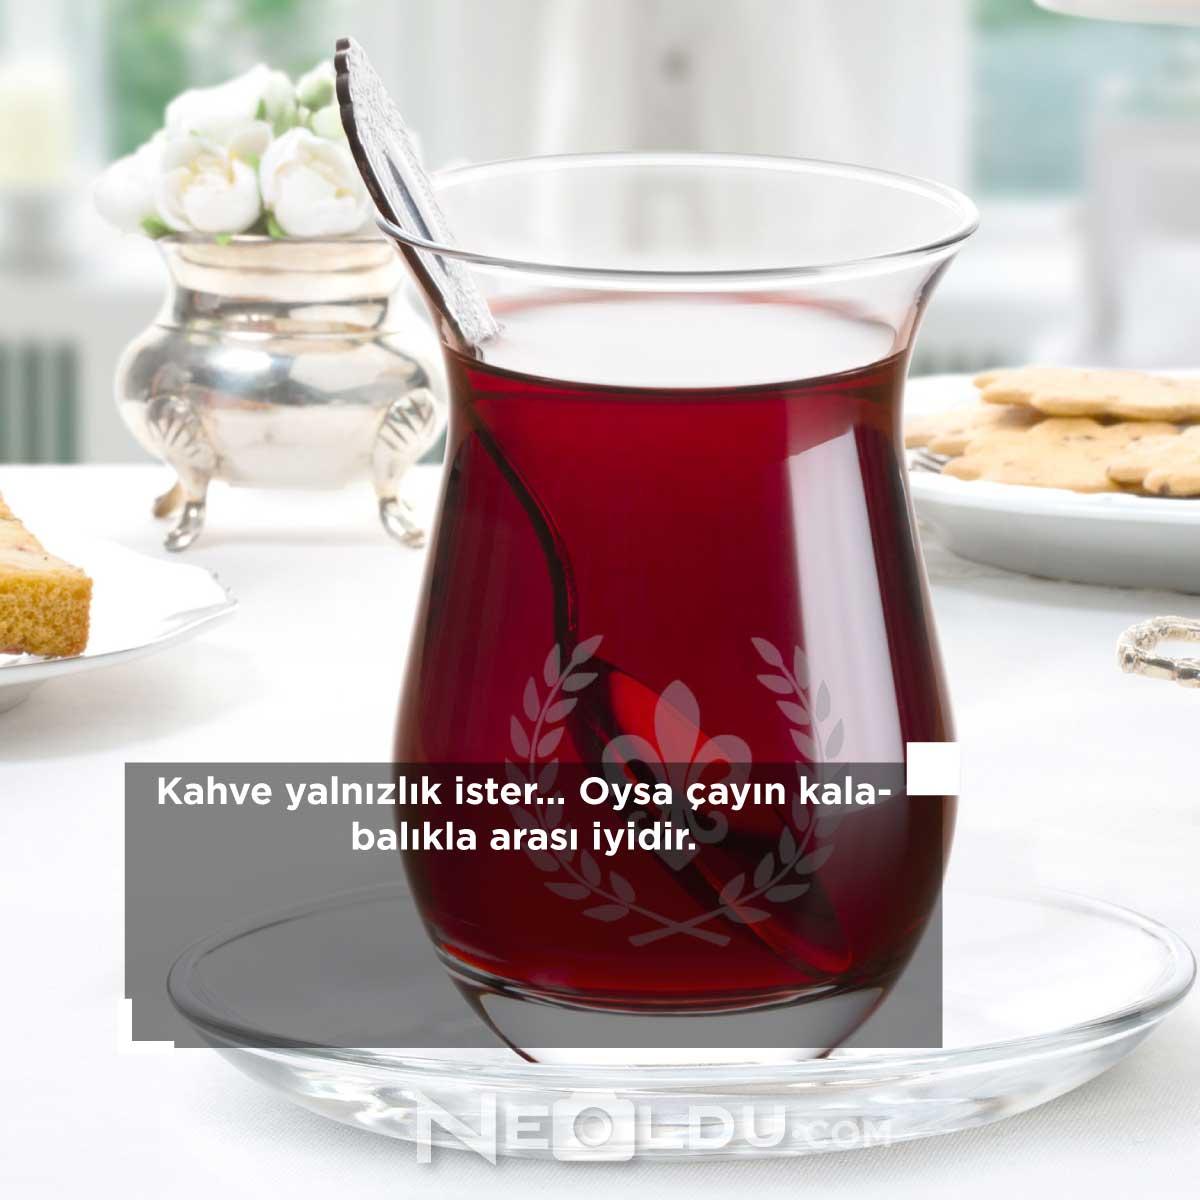 Çay ile ilgili sözler